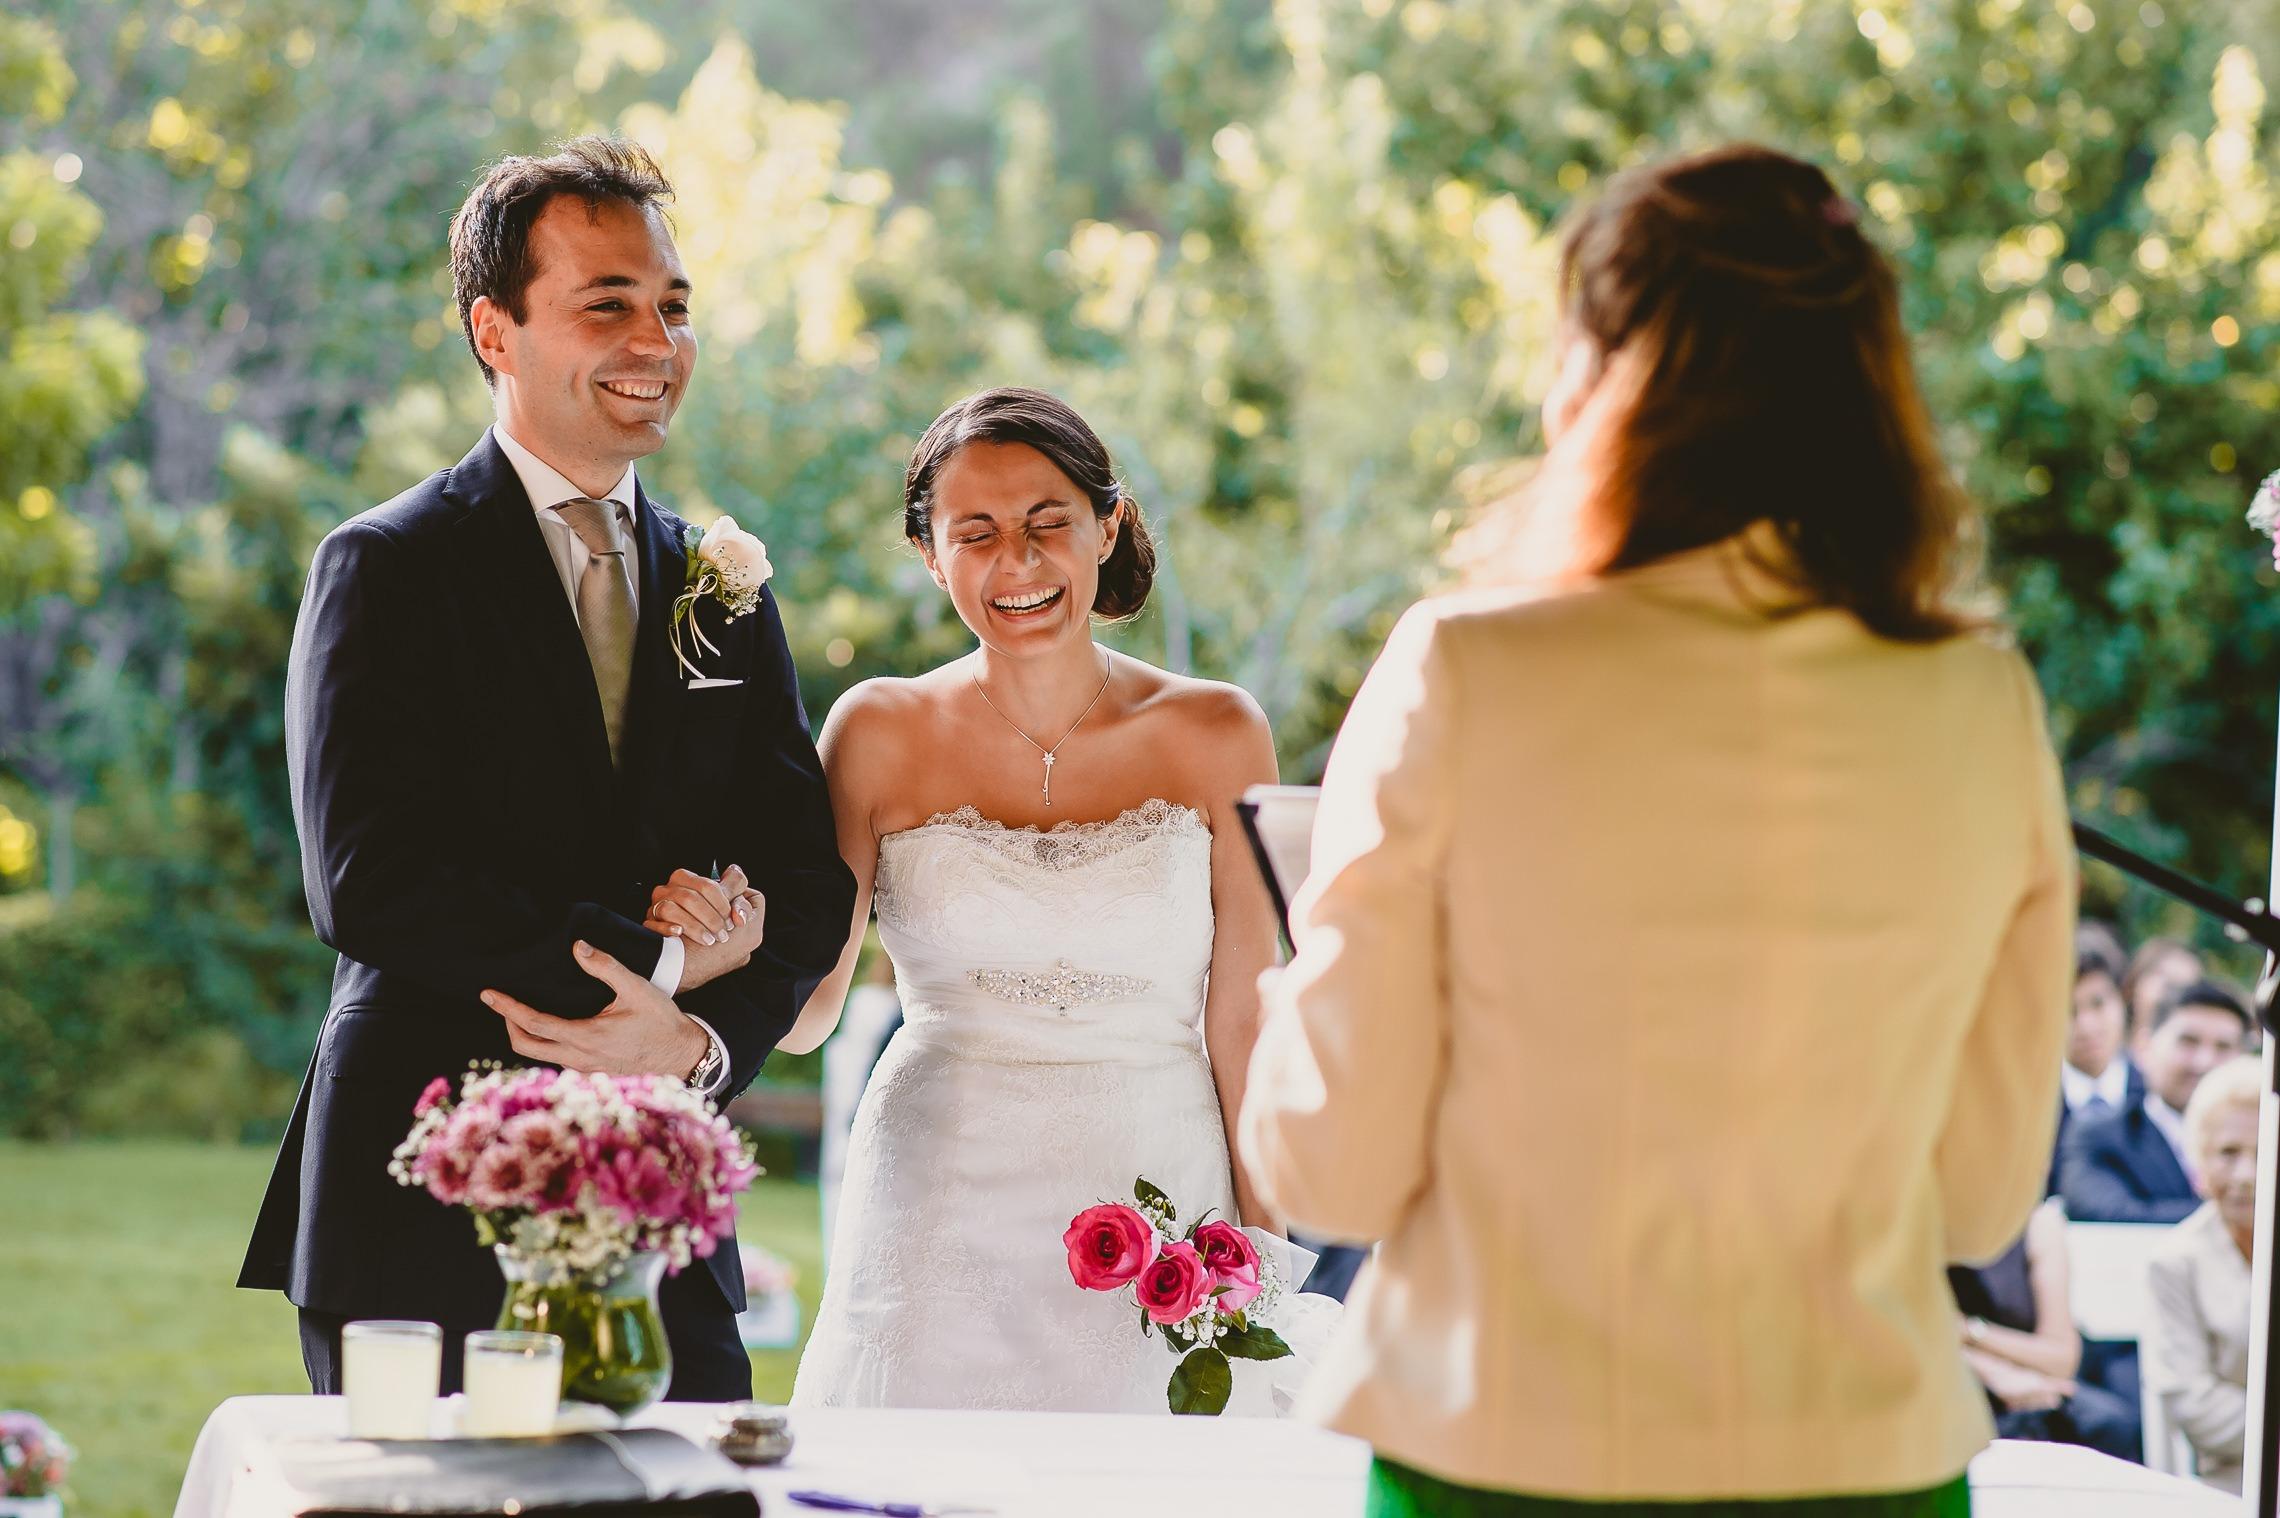 ceremonia-simbolica-pinceladas-de-bodas-chile-matrimonio